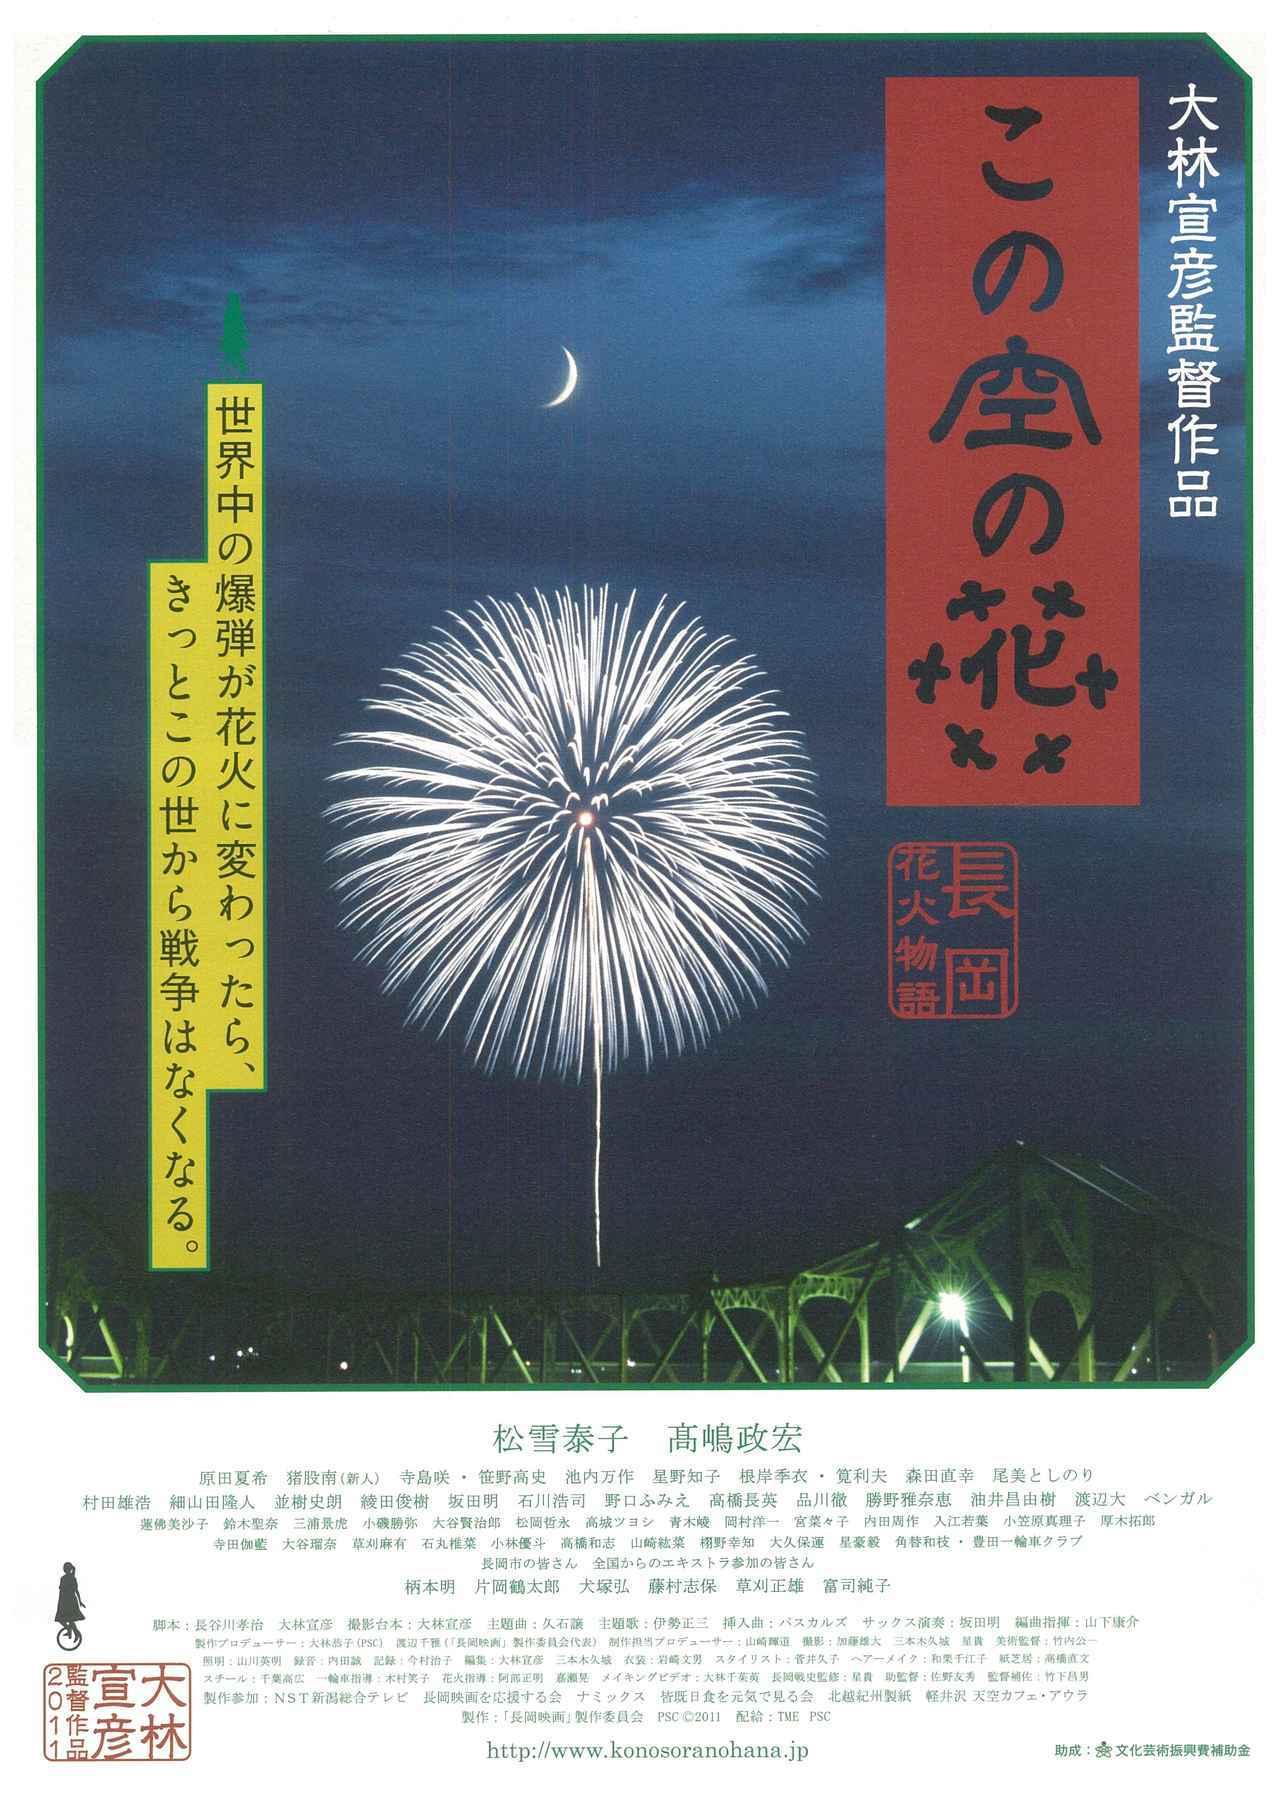 画像1: ©「長岡映画」製作委員会 PSC 2011